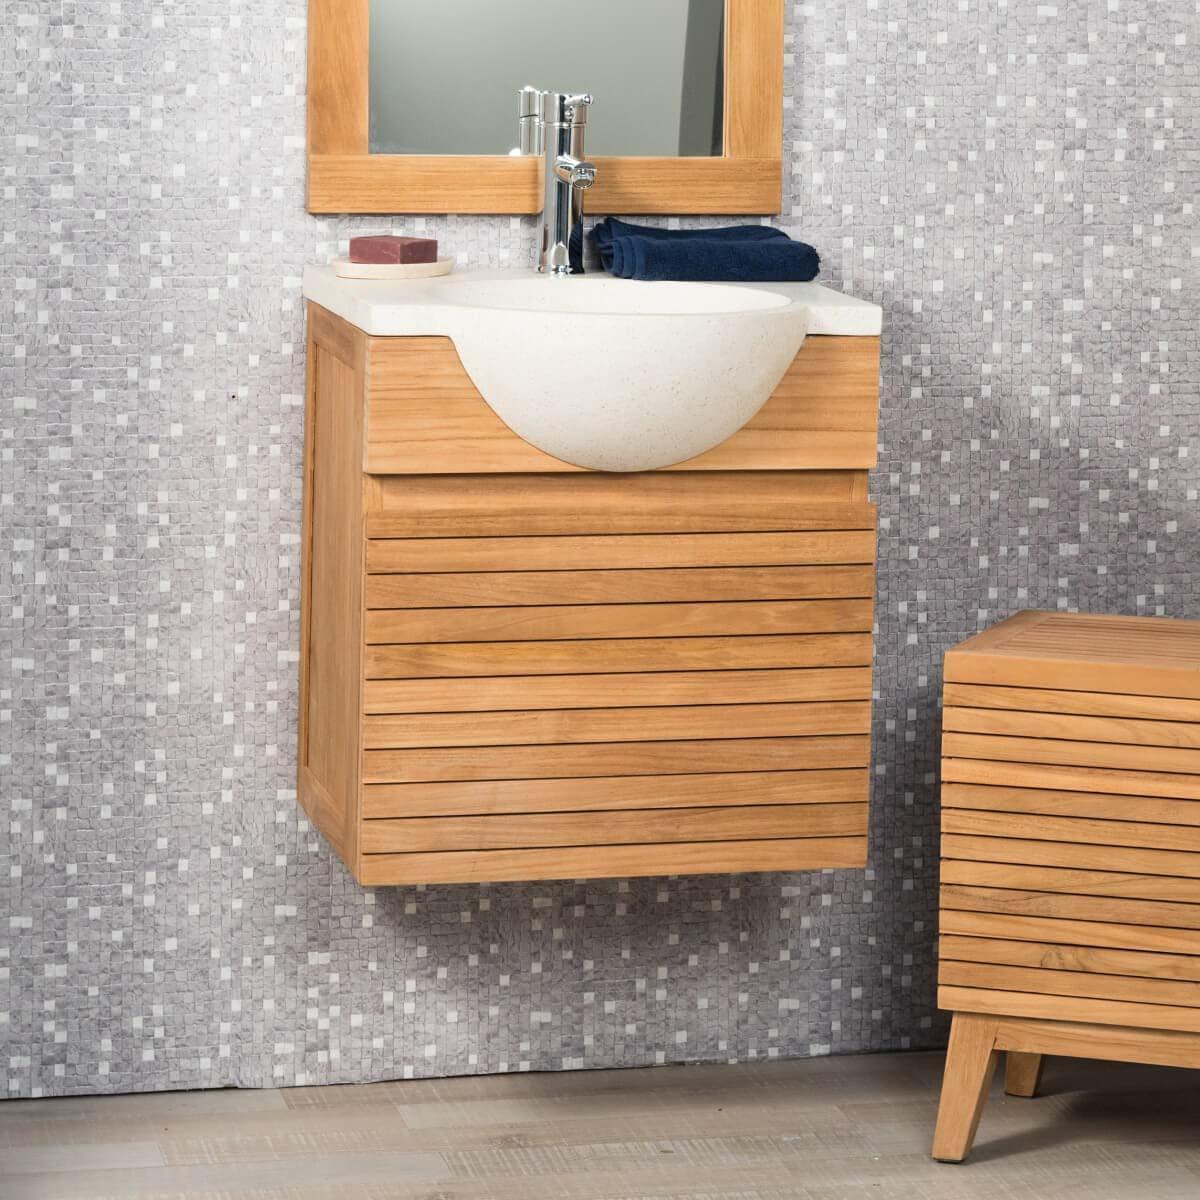 Mueble para lavabo (simple) de madera (teca) maciza: Contemporáneo ...